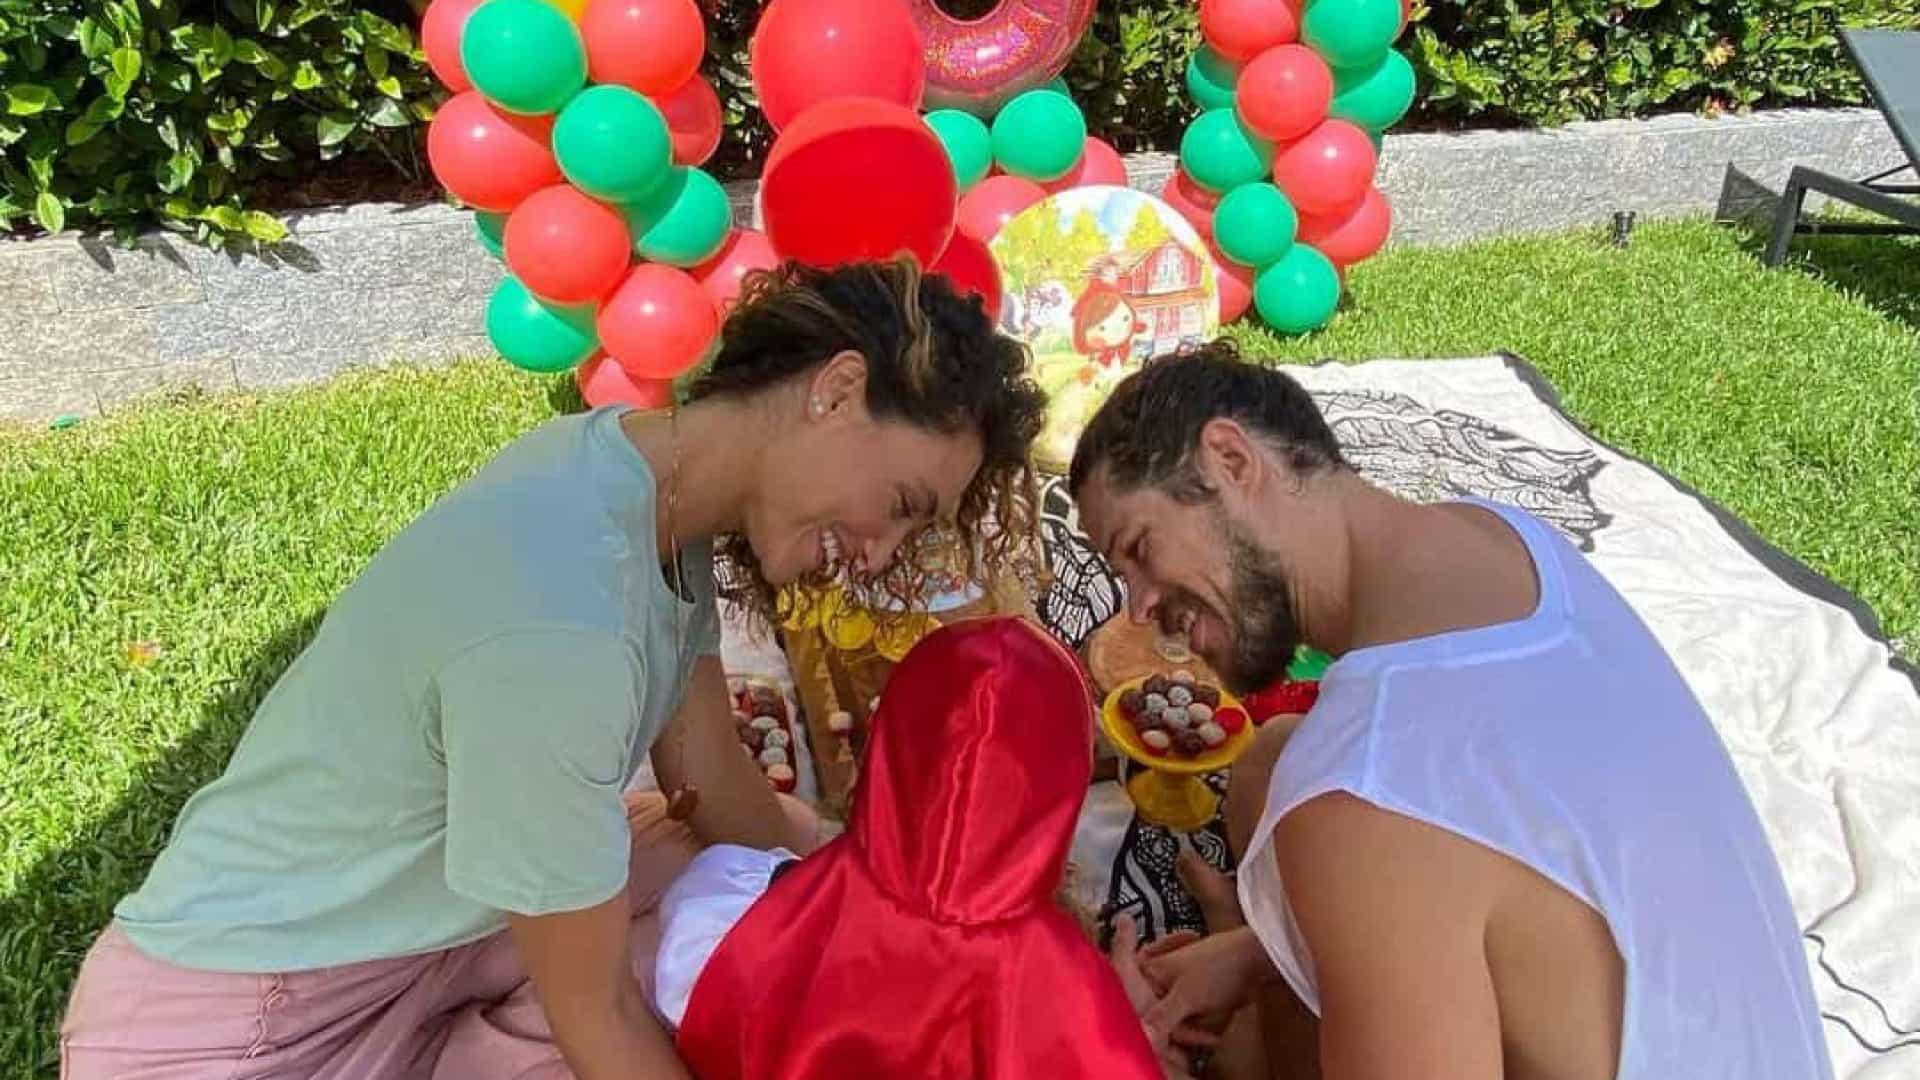 naom 60784139b59f4 1 - Débora Nascimento e José Loreto juntam-se para o aniversário da filha